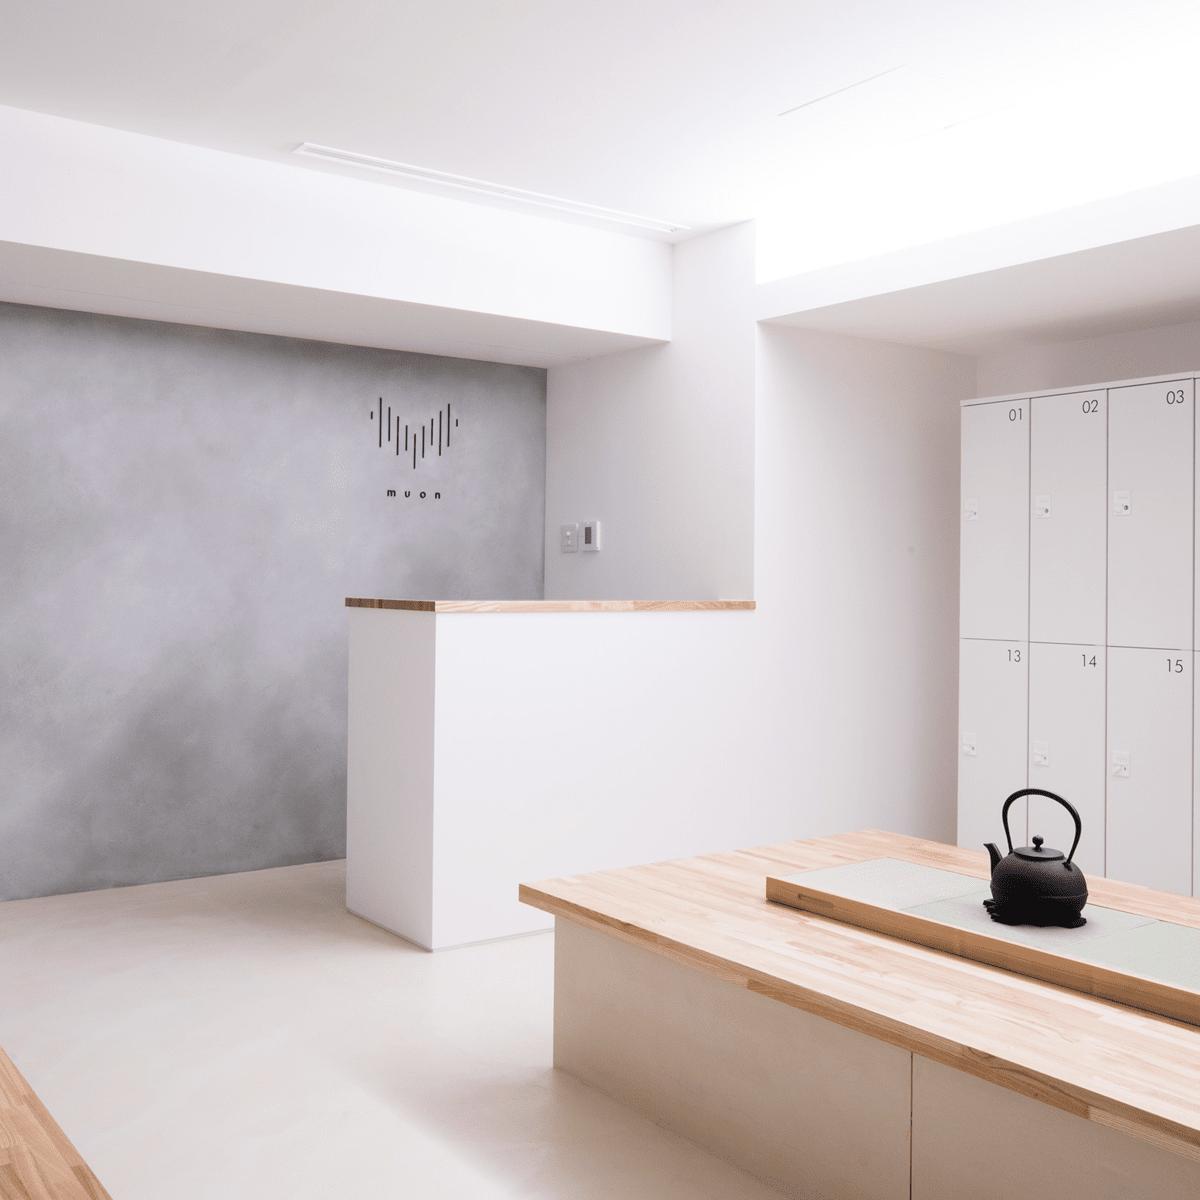 新宿駅西口に瞑想専用スタジオ「ムオン」